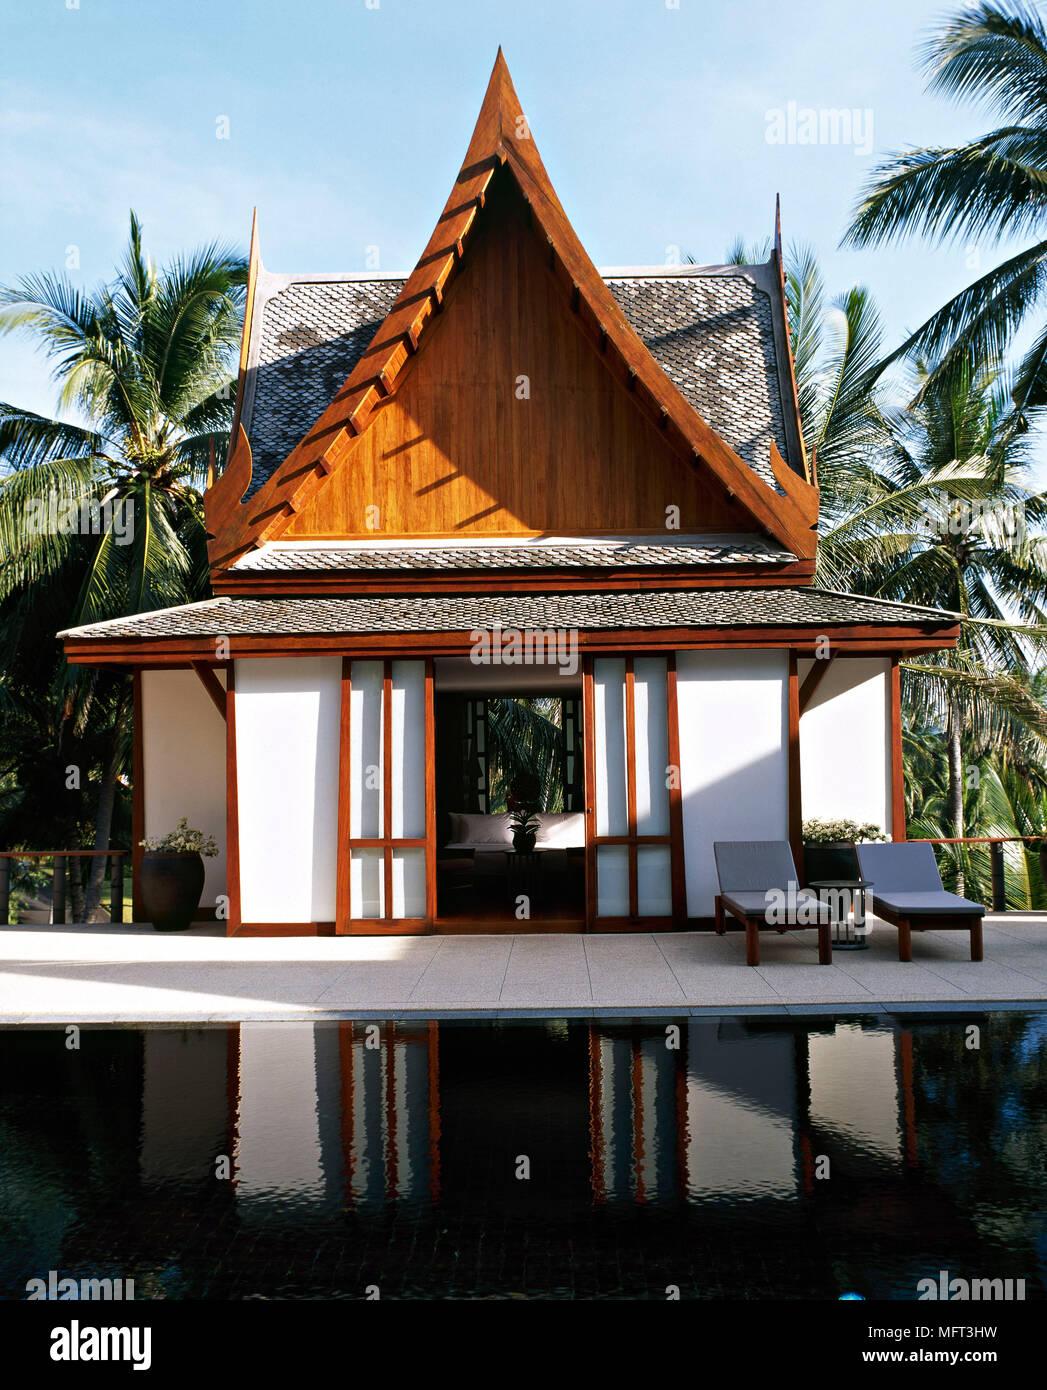 El Exterior Del Hotel Tailandés Terraza Tumbonas Piscina